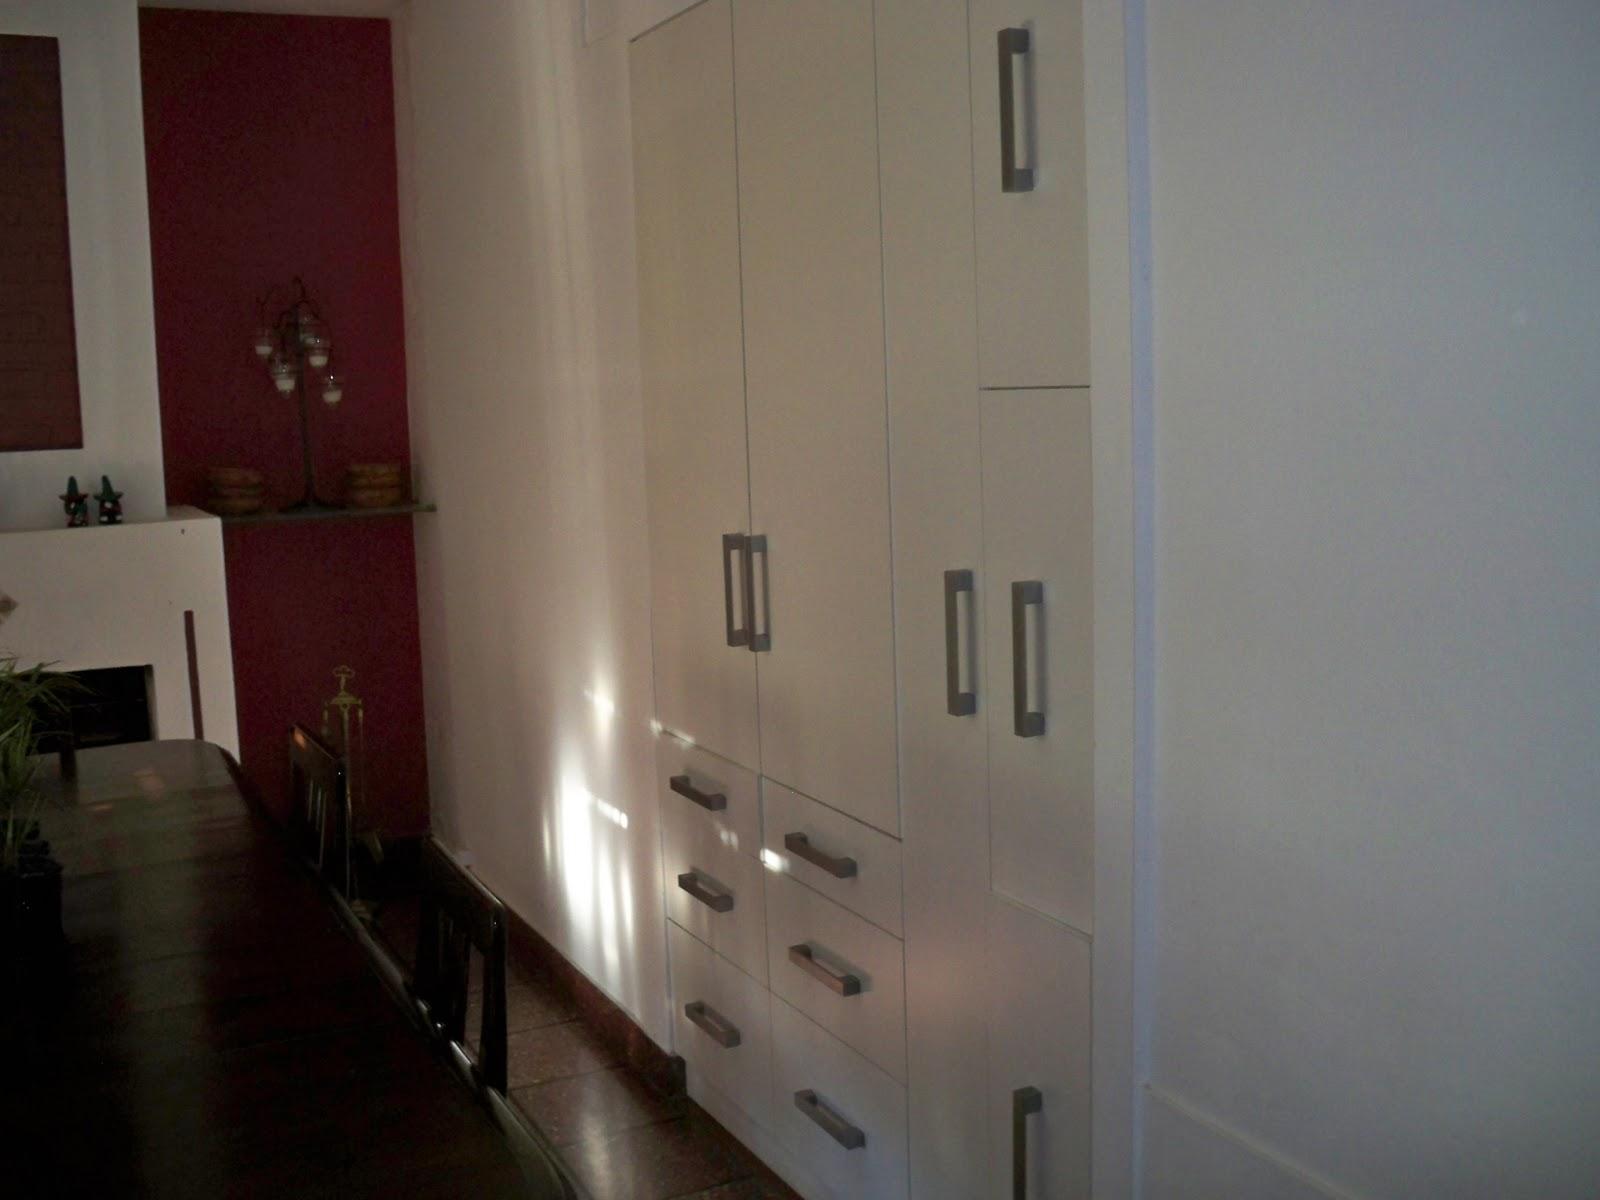 Aktual muebles despensero embutido en pared for Muebles de oficina sarmiento 1400